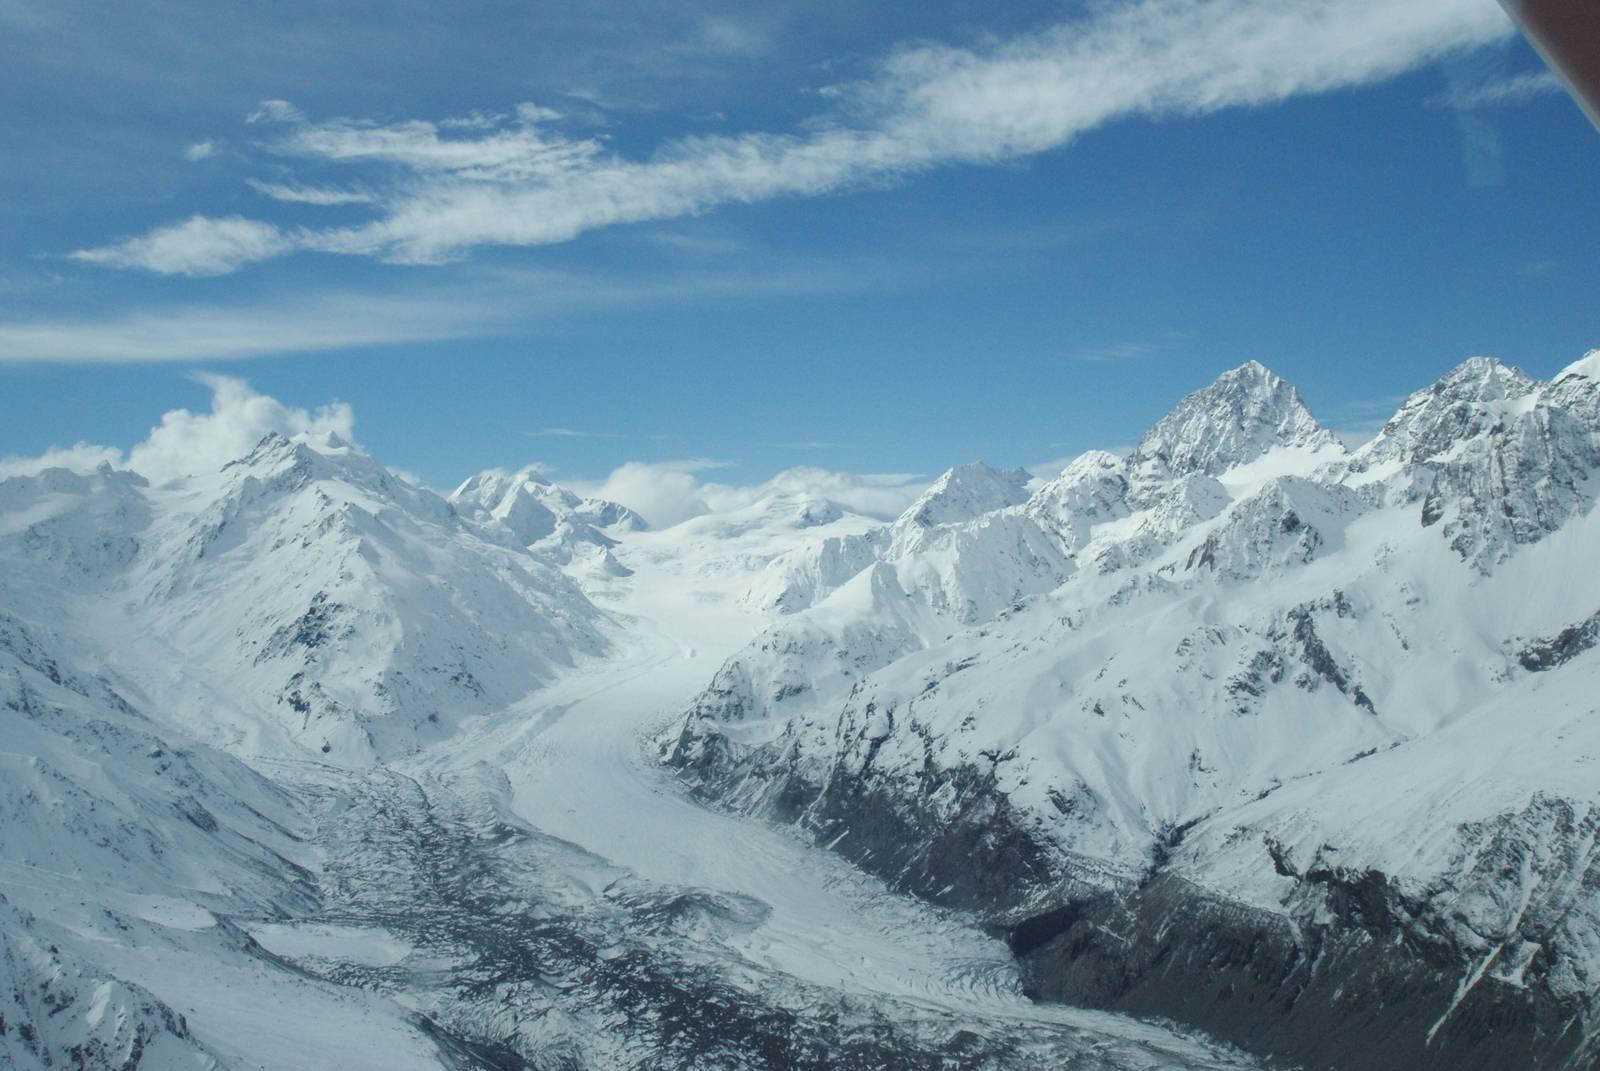 空からの眺め(8)セスナ機からタスマン氷河(ニュージーランド): 旅先に媚びない紀行文